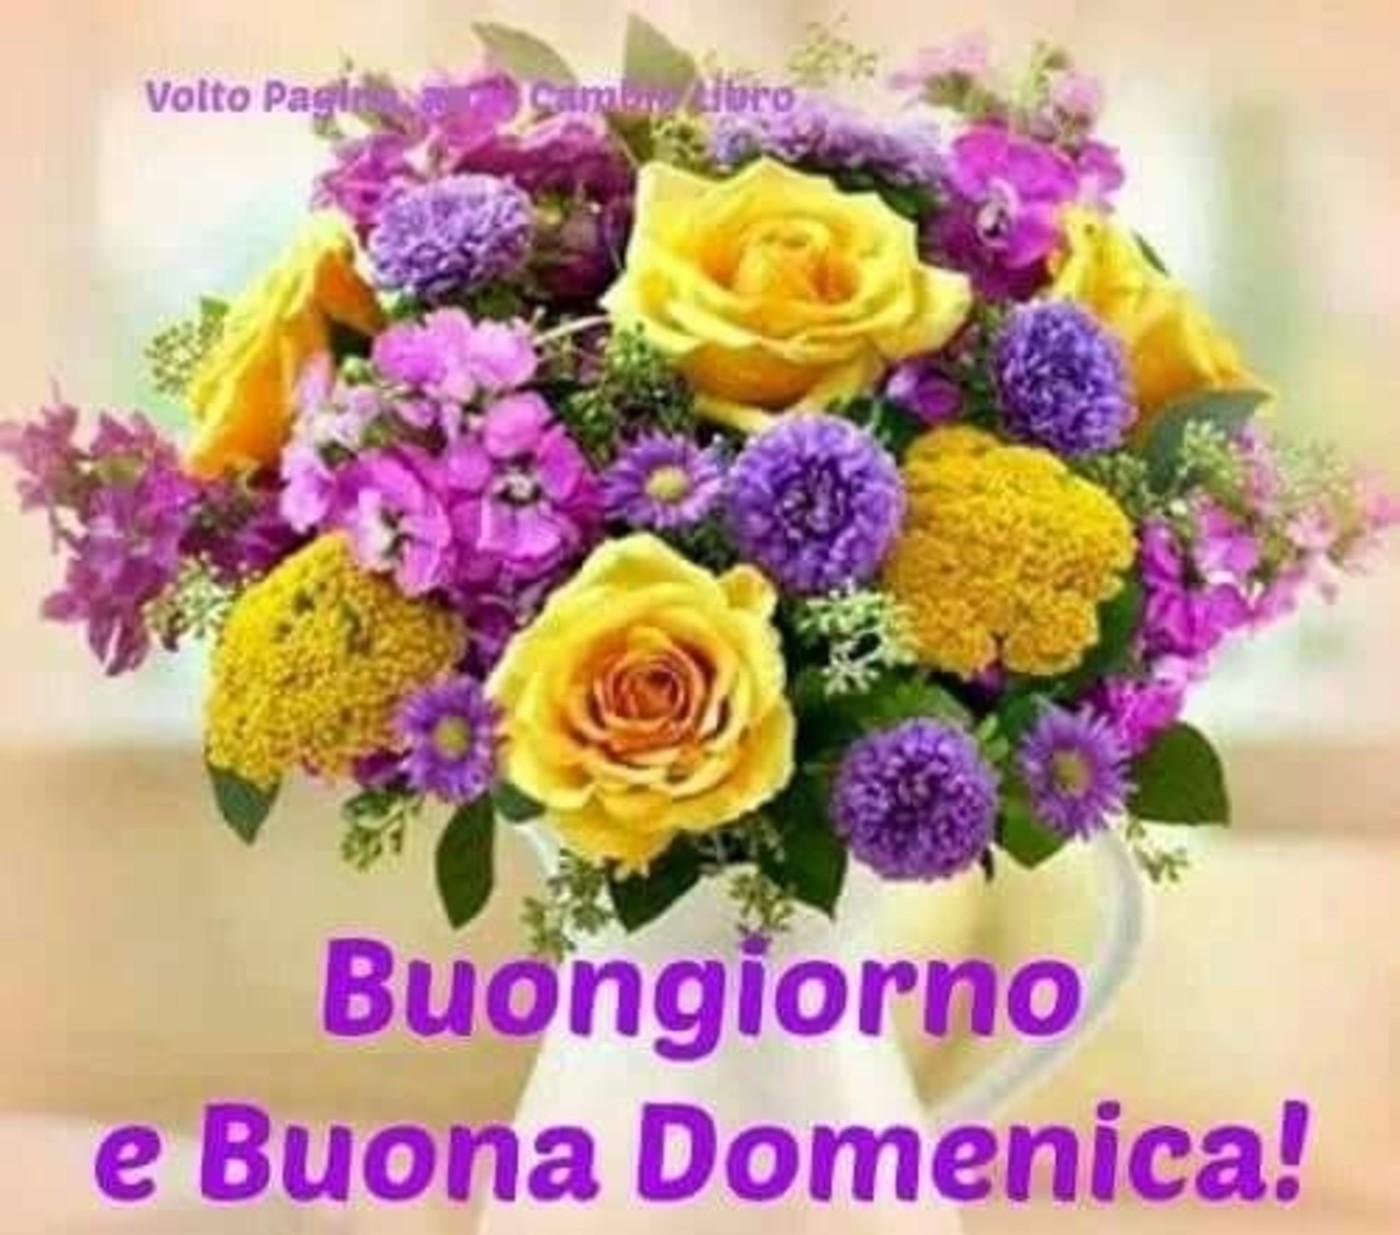 Buongiorno E Buona Domenica A Tutti 5 Buongiornoateit